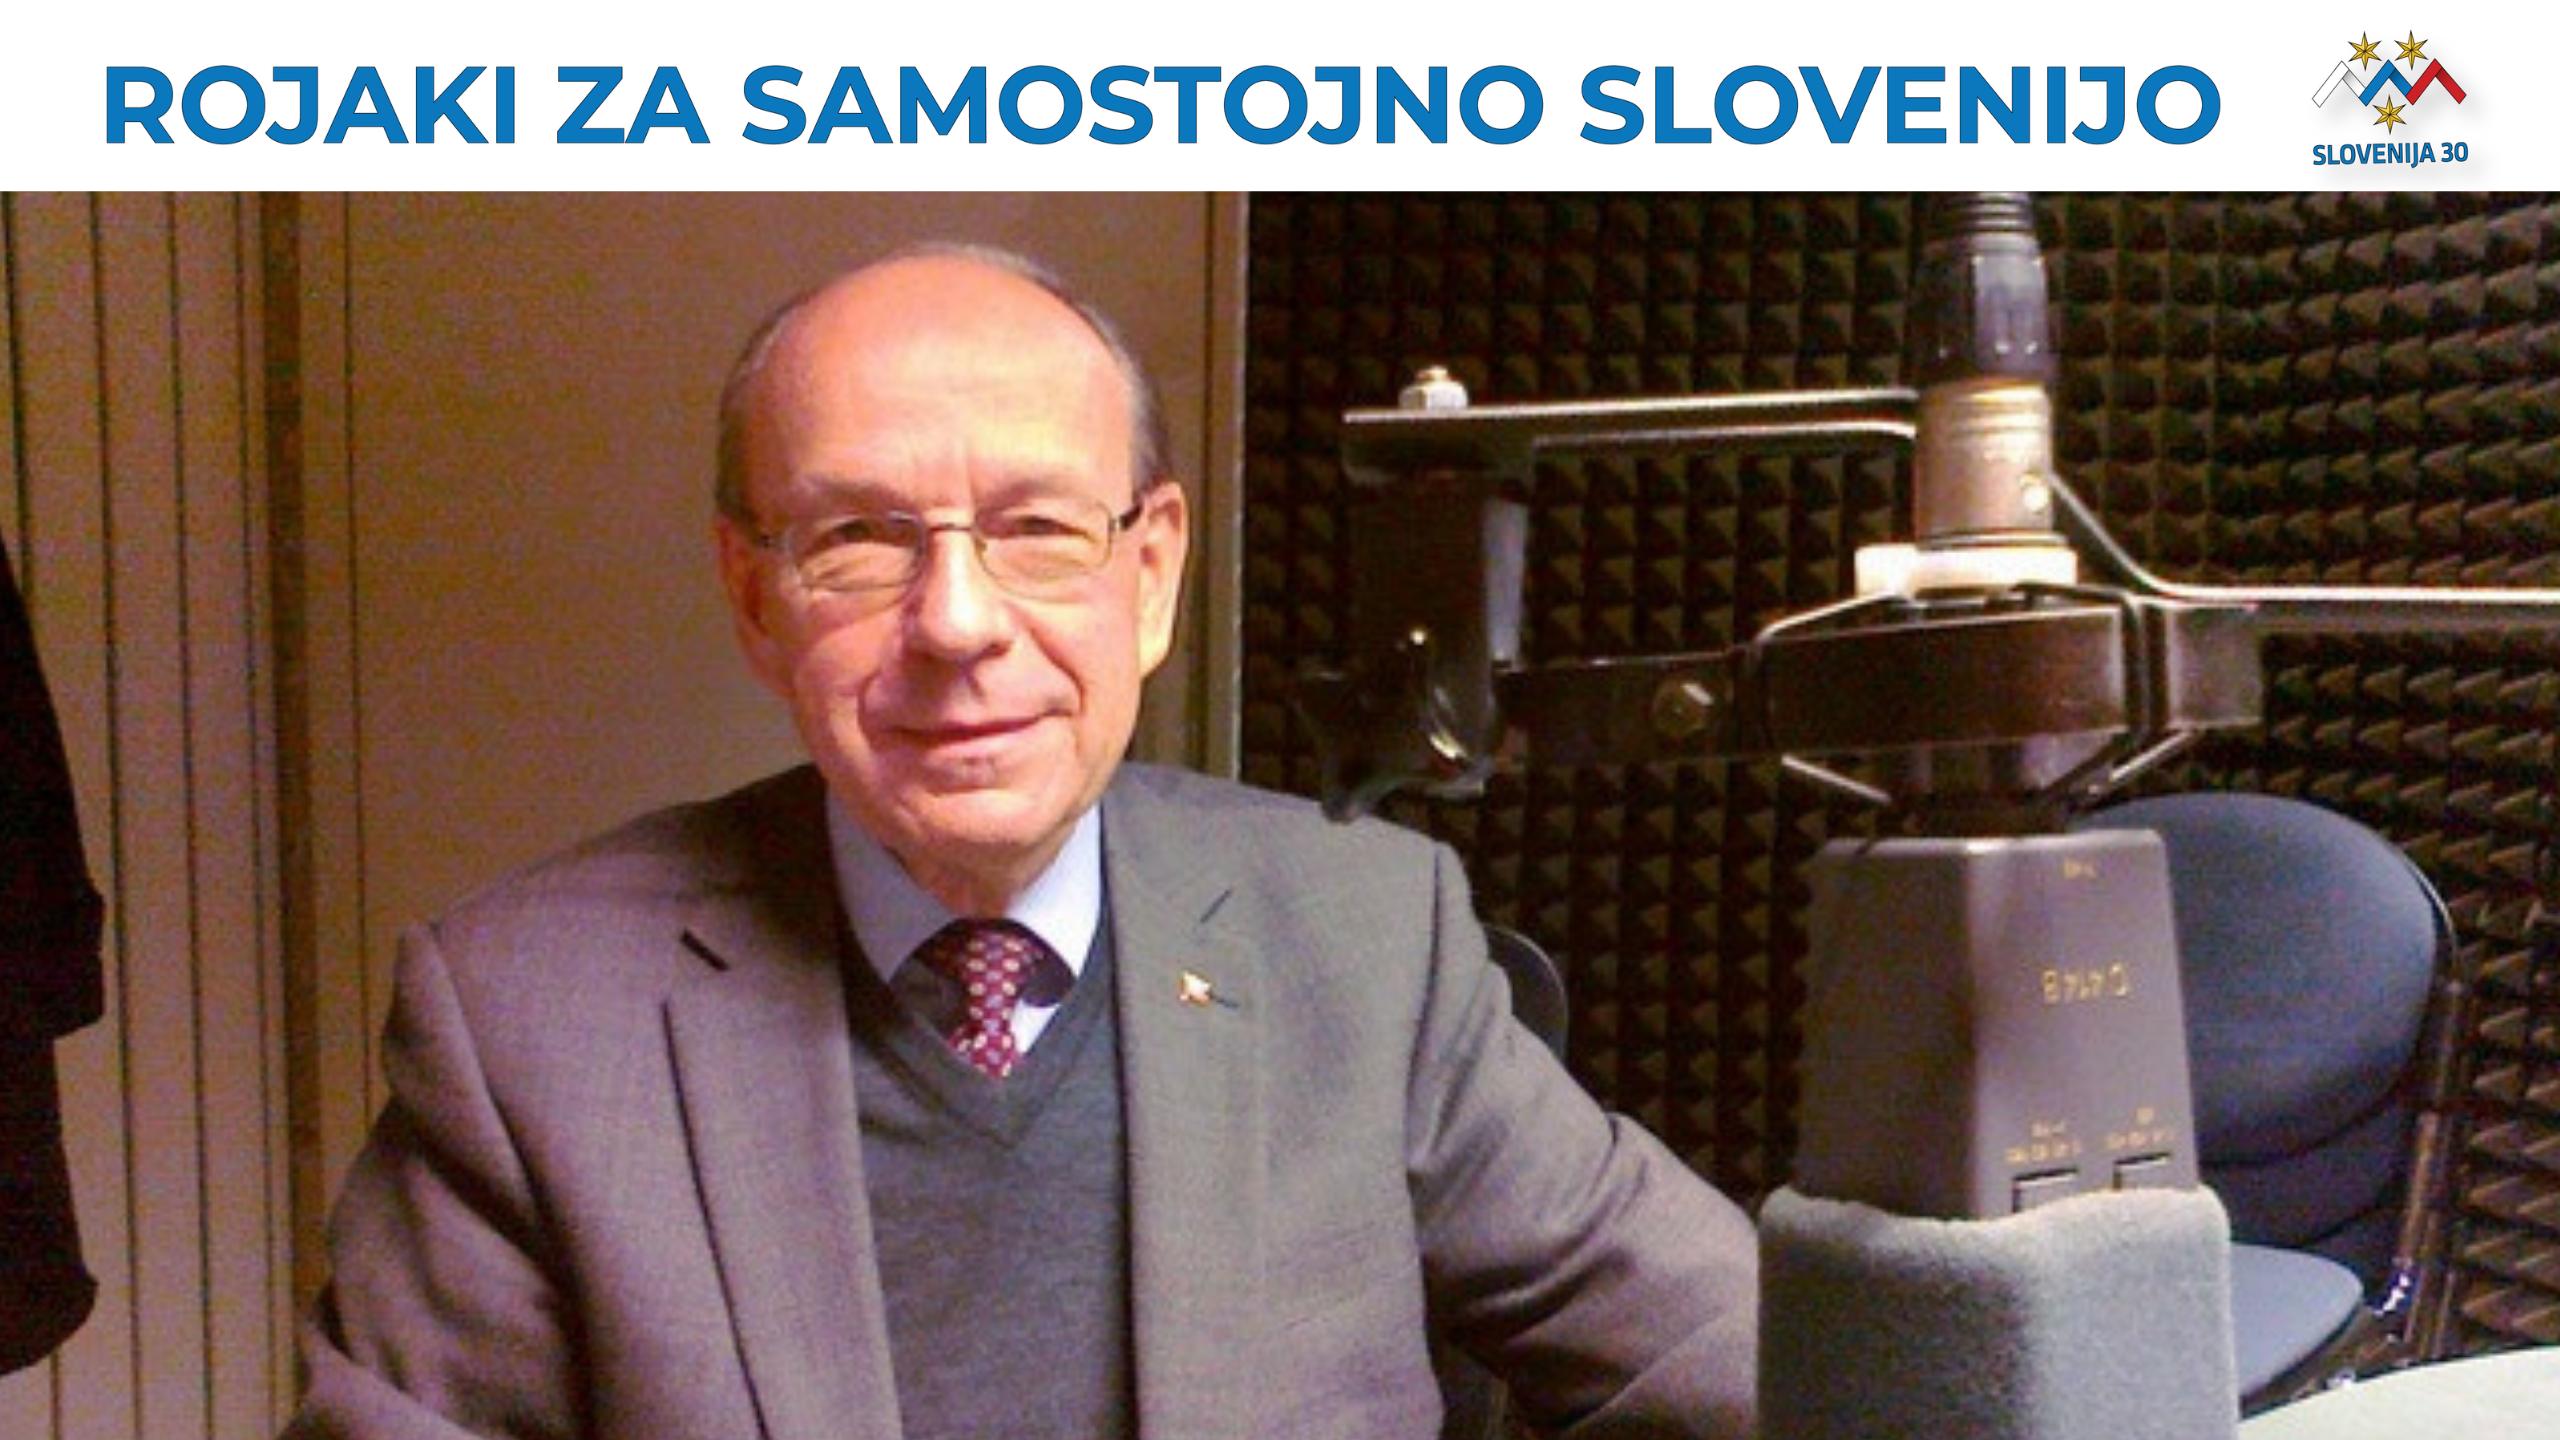 Alfred Brežnik na vrhu na belem traku napis Rojaki za samostojno Slovenijo in logo (simbolj Triglava v beli, modri in rdeči barvi, tri rumene zvezde in pod tem napis Slovenija 30).